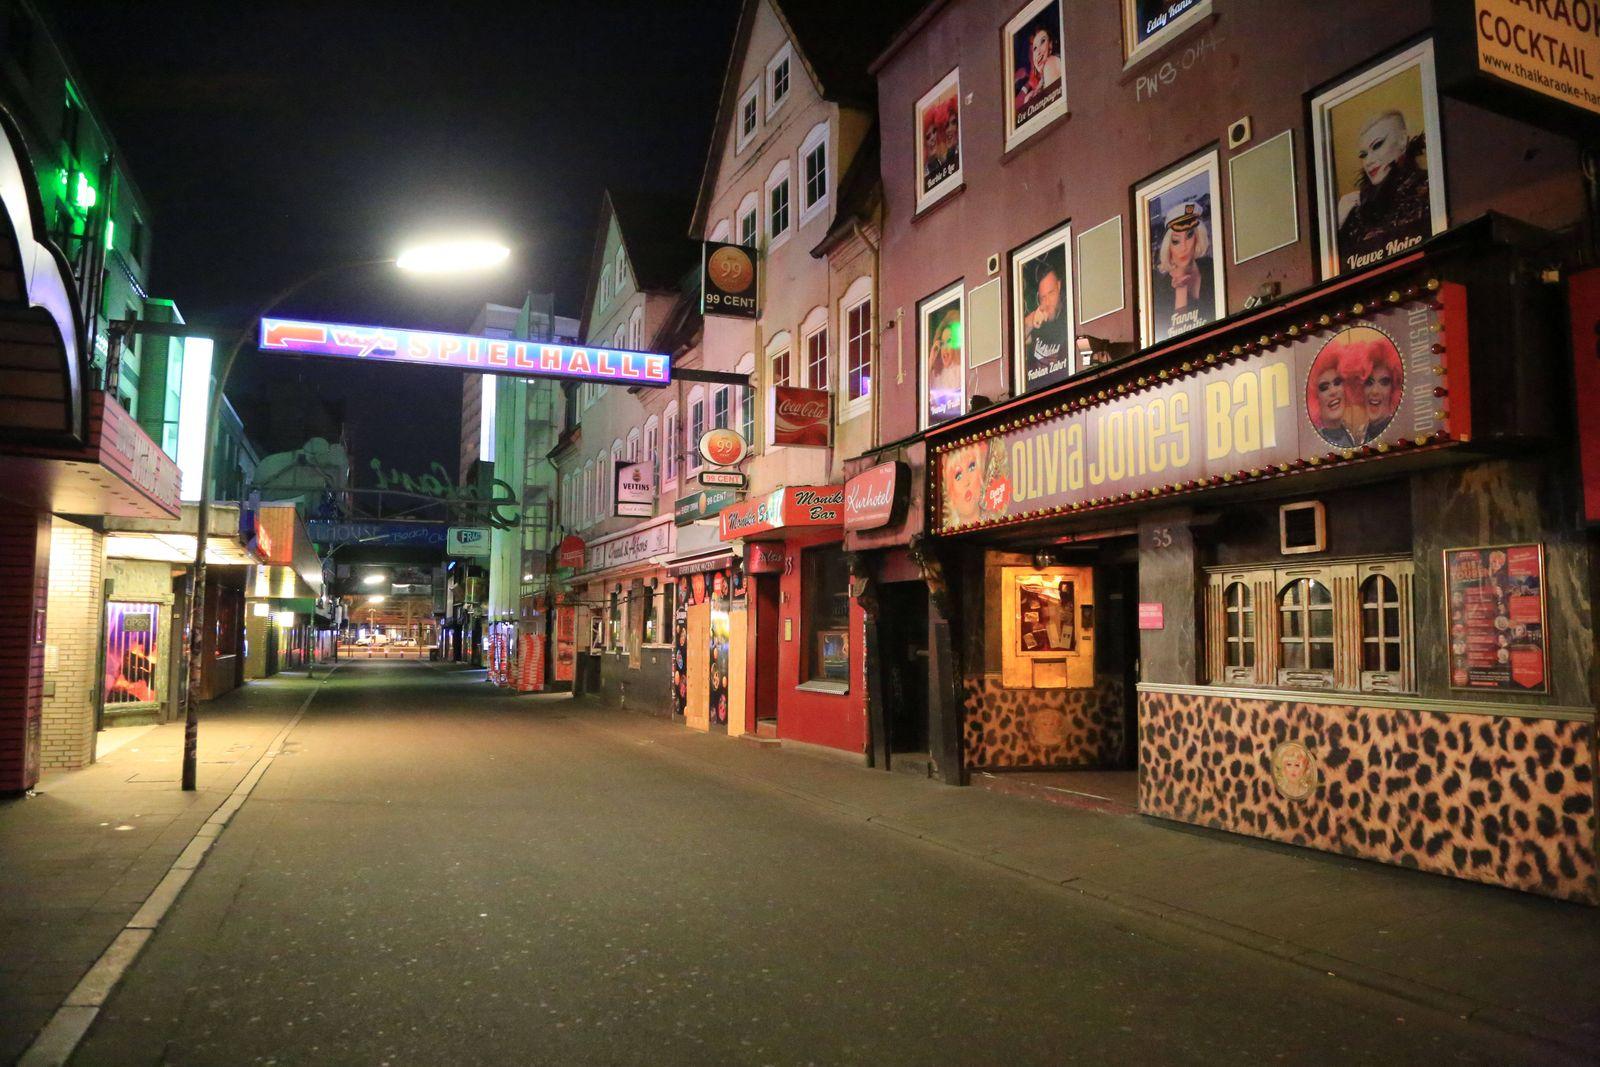 Hamburg der 21.02.2020 Nichts los, Freitag auf der Reeperbahn nachts um halb eins. Der Kiez war in der Nacht von Freita